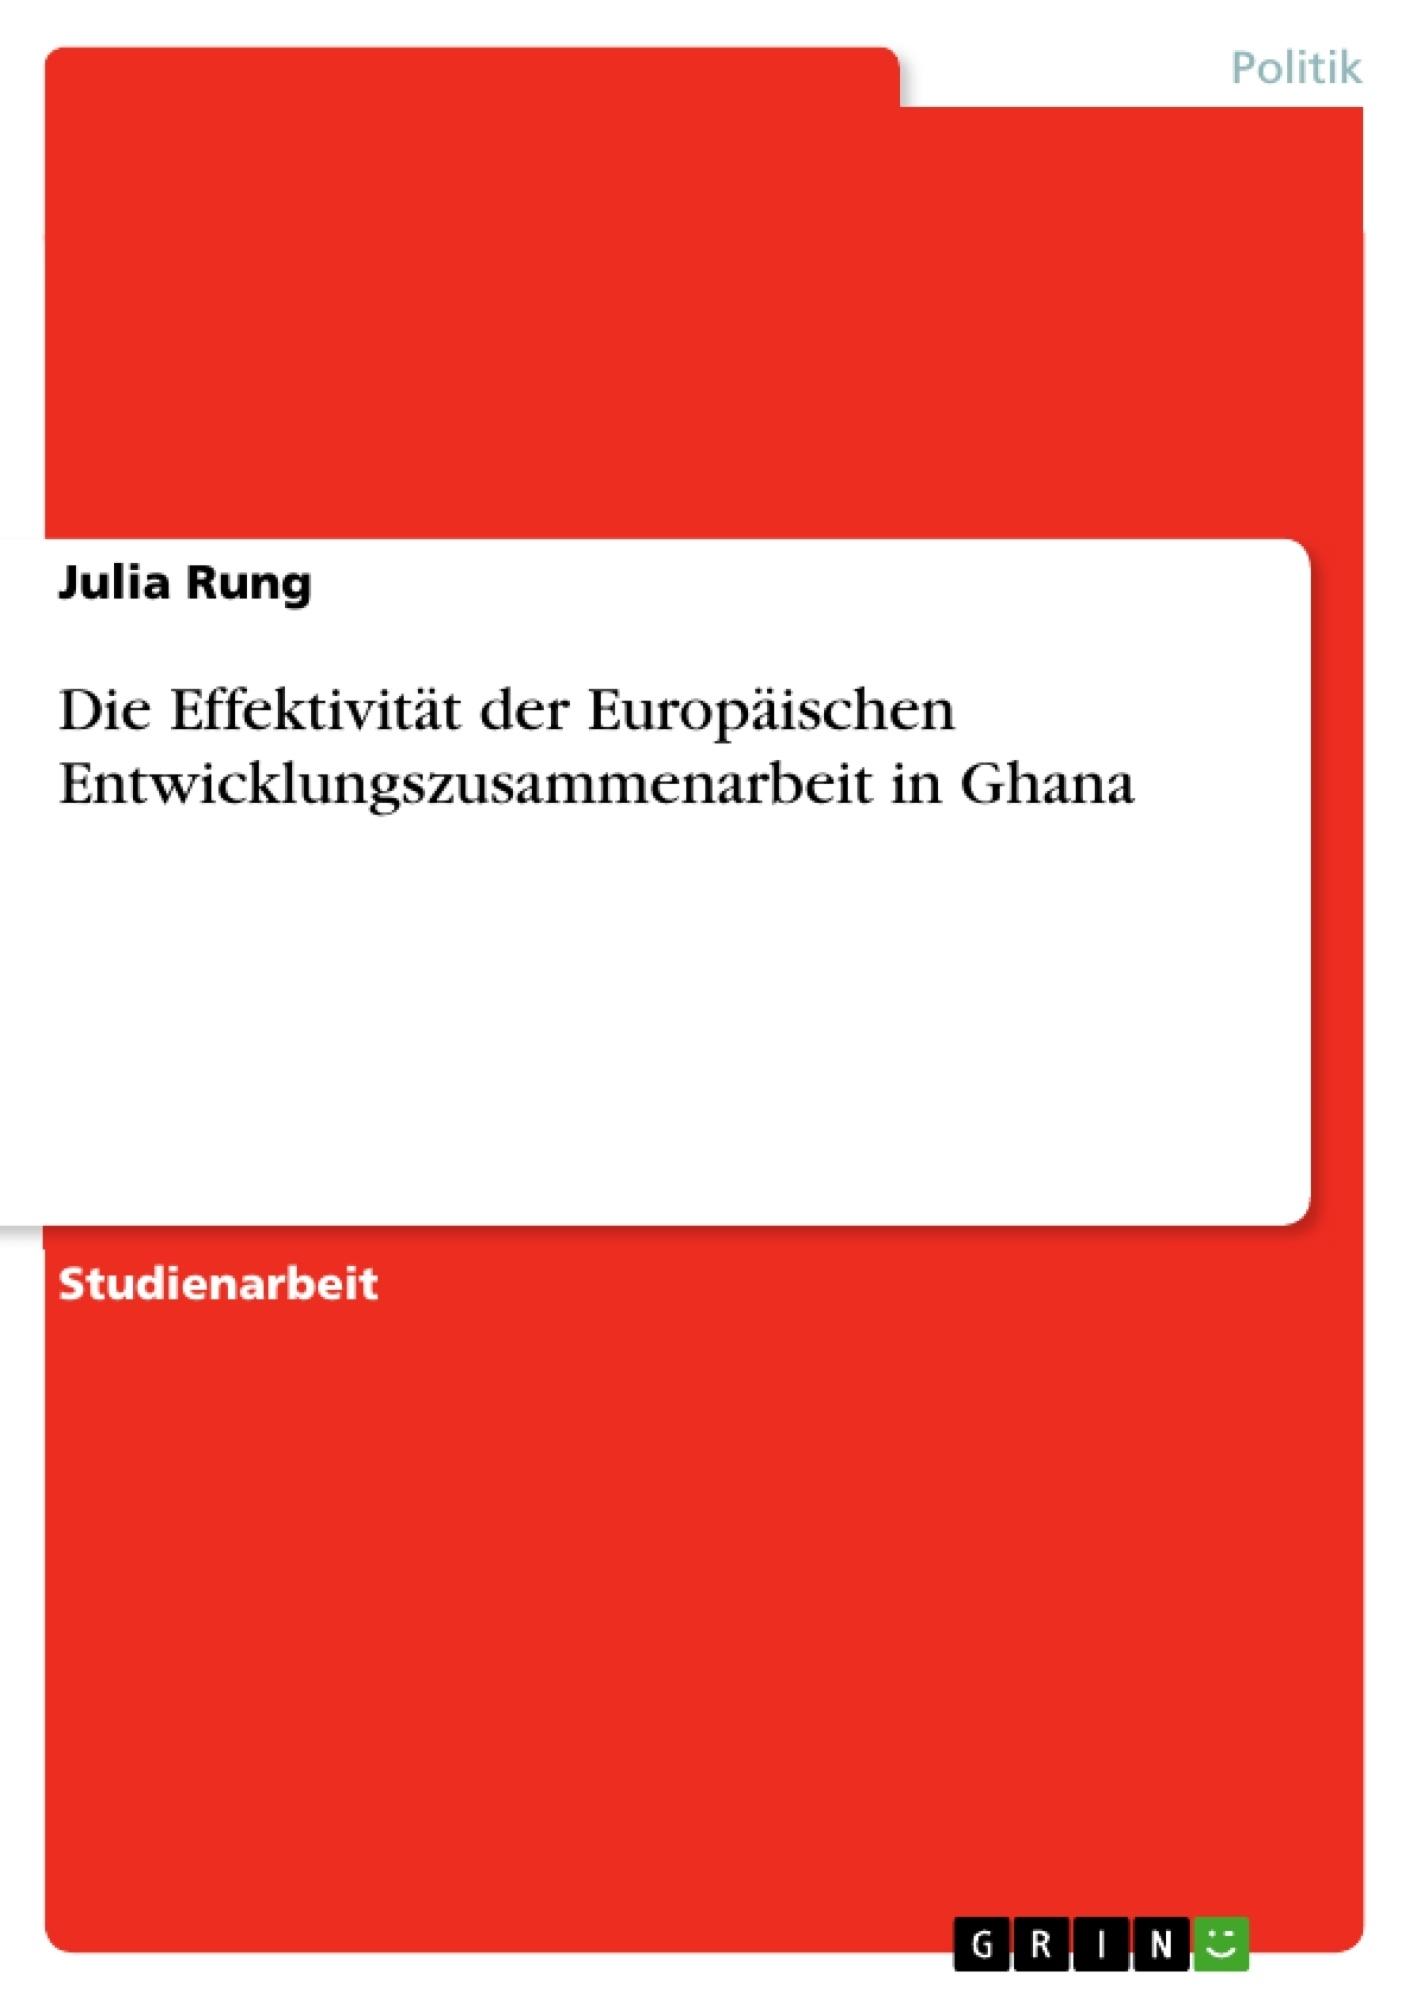 Titel: Die Effektivität der Europäischen Entwicklungszusammenarbeit in Ghana